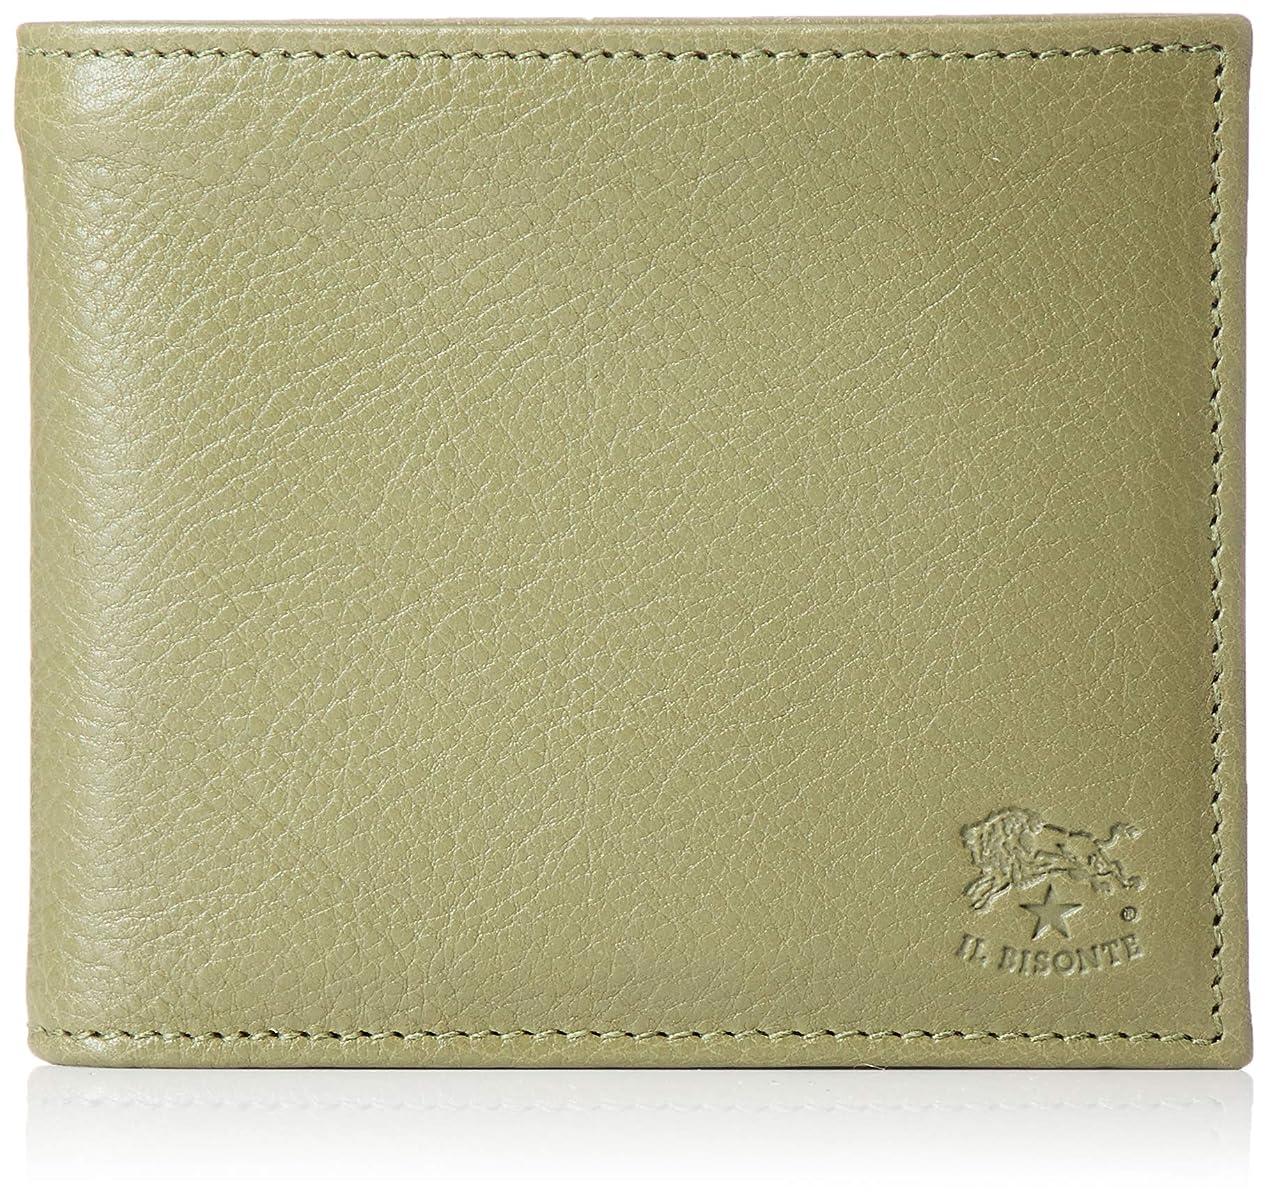 モッキンバード検体メイド[イル ビゾンテ] 二つ折り財布 C0817EP Original Leather 並行輸入品 IL-C P-955 [並行輸入品]